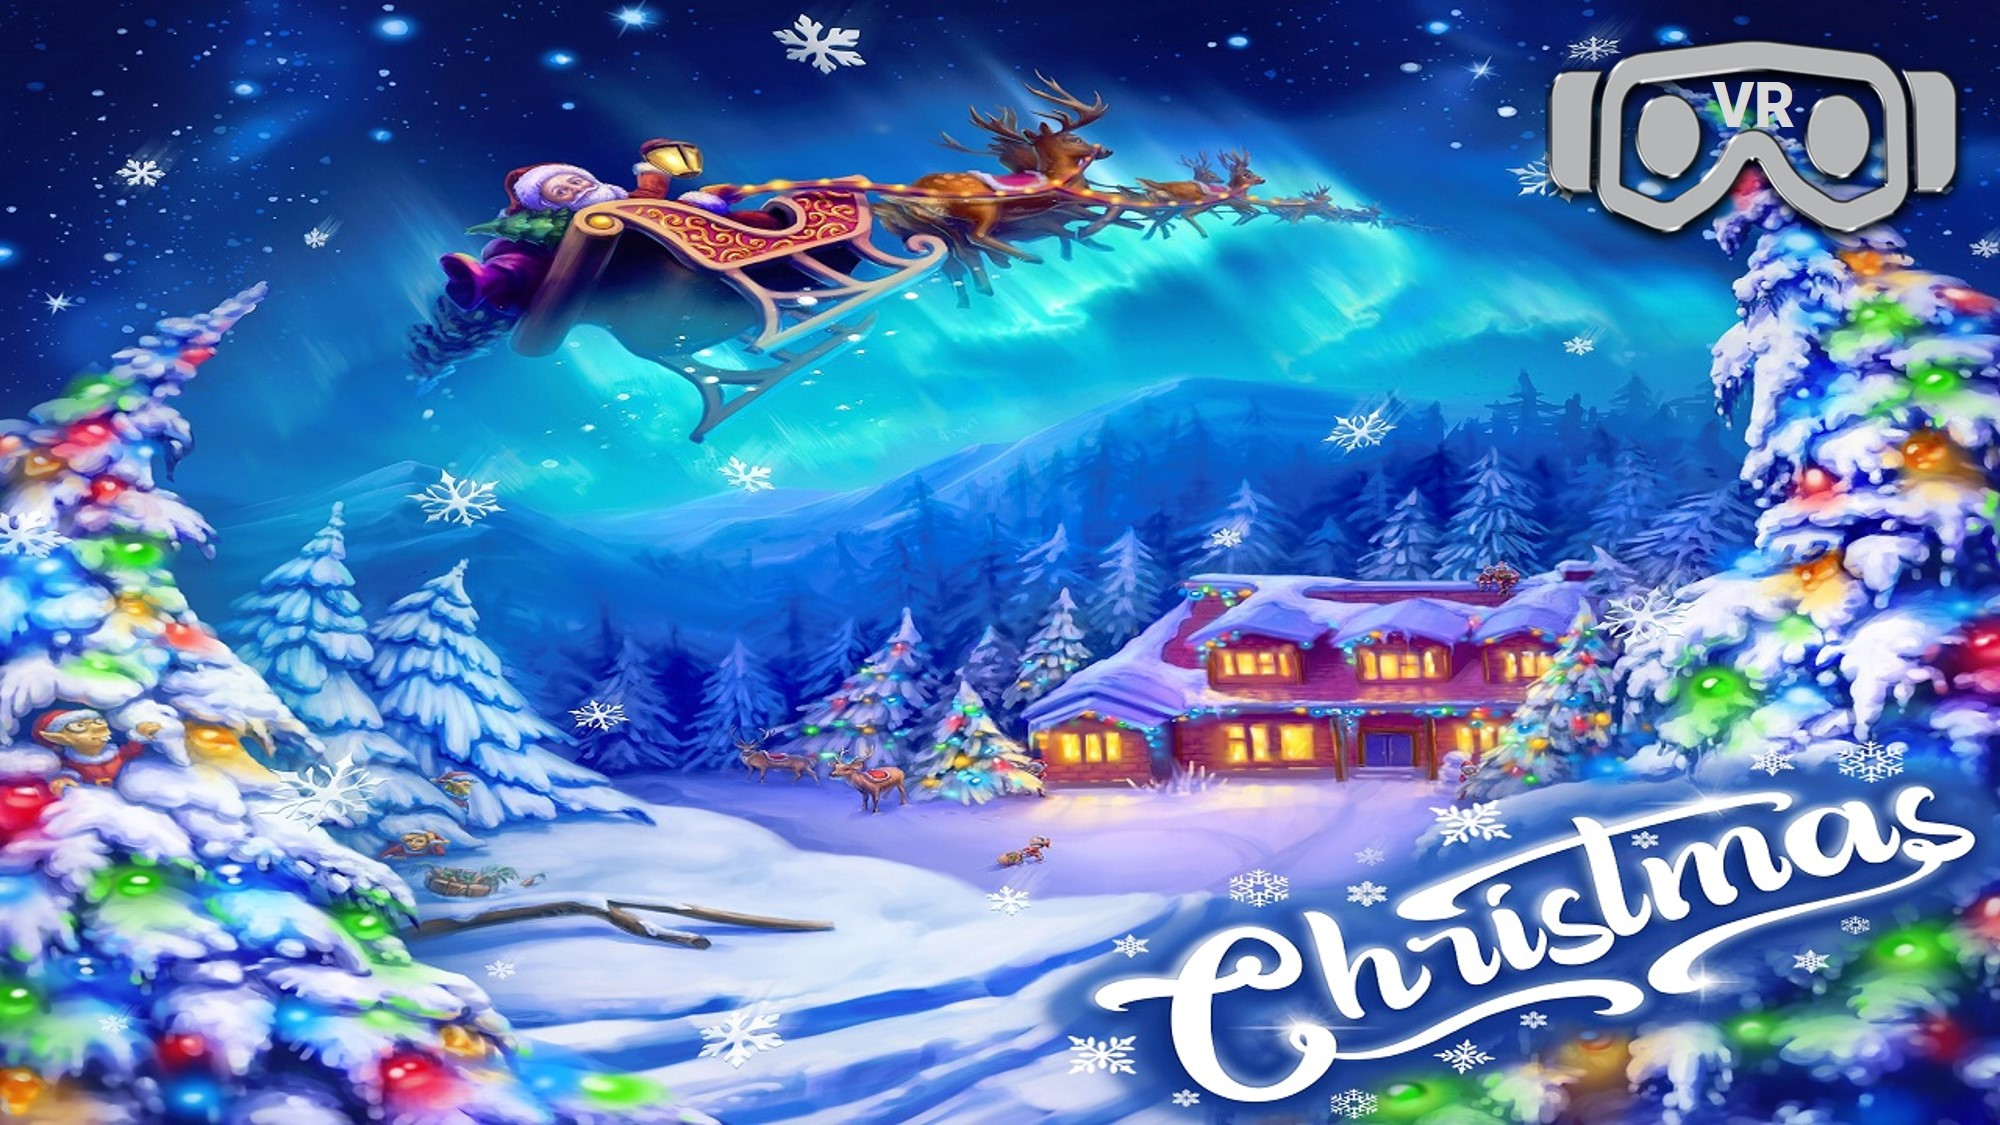 Christmas Virtual Reality Escape Room x VR